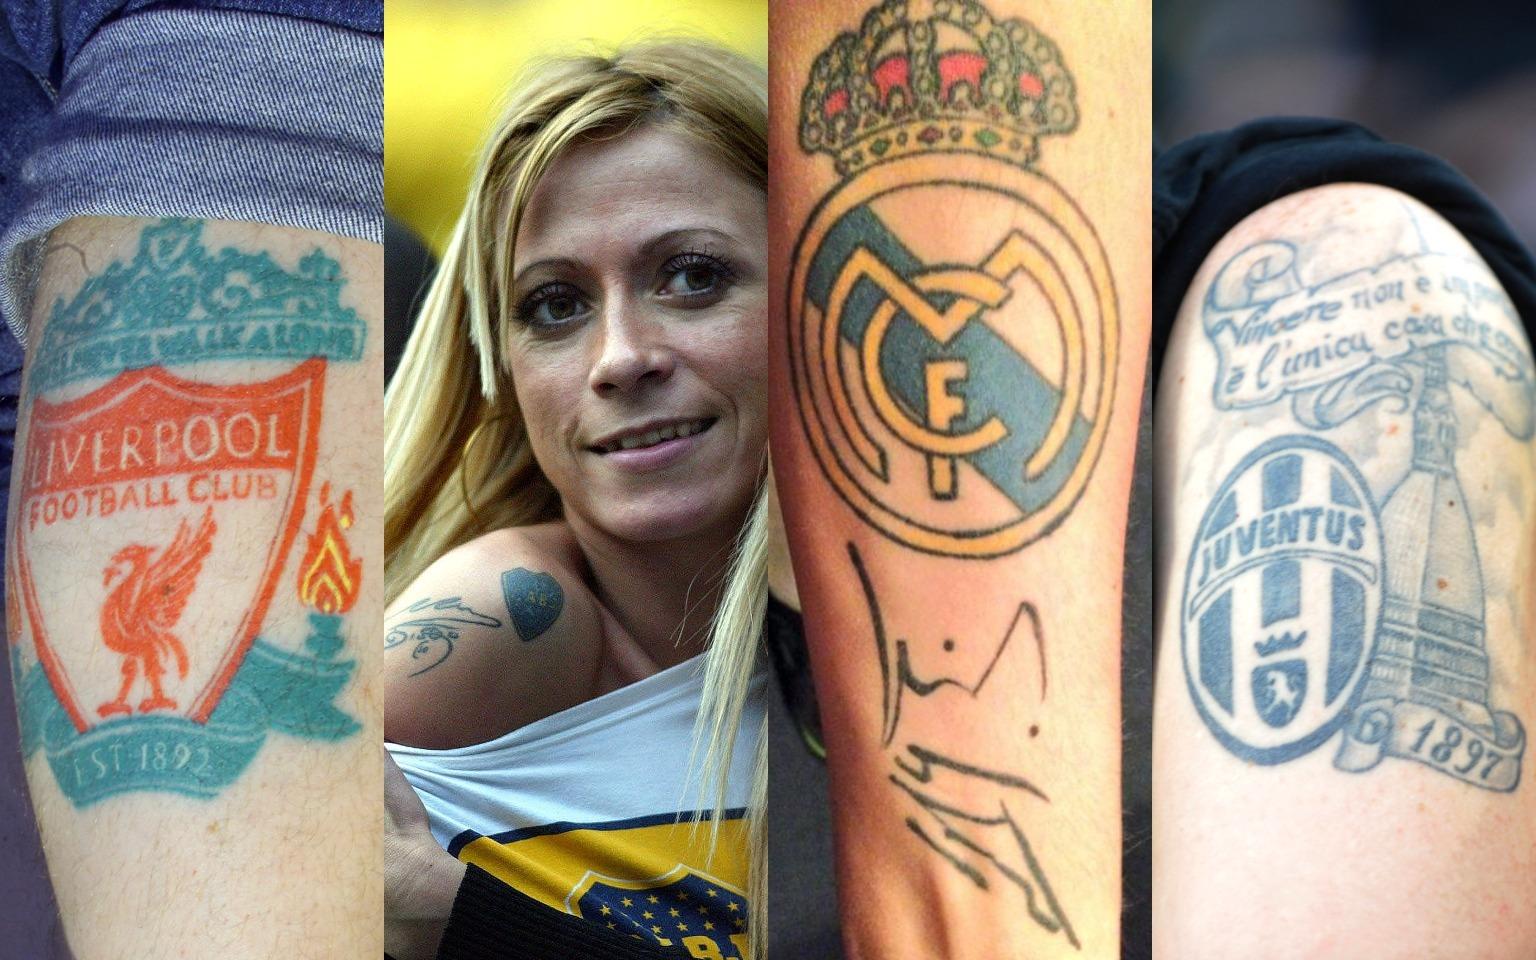 النادي الأكثر اختيارا لشعاره كوشم على أجساد المشجعين (صور)